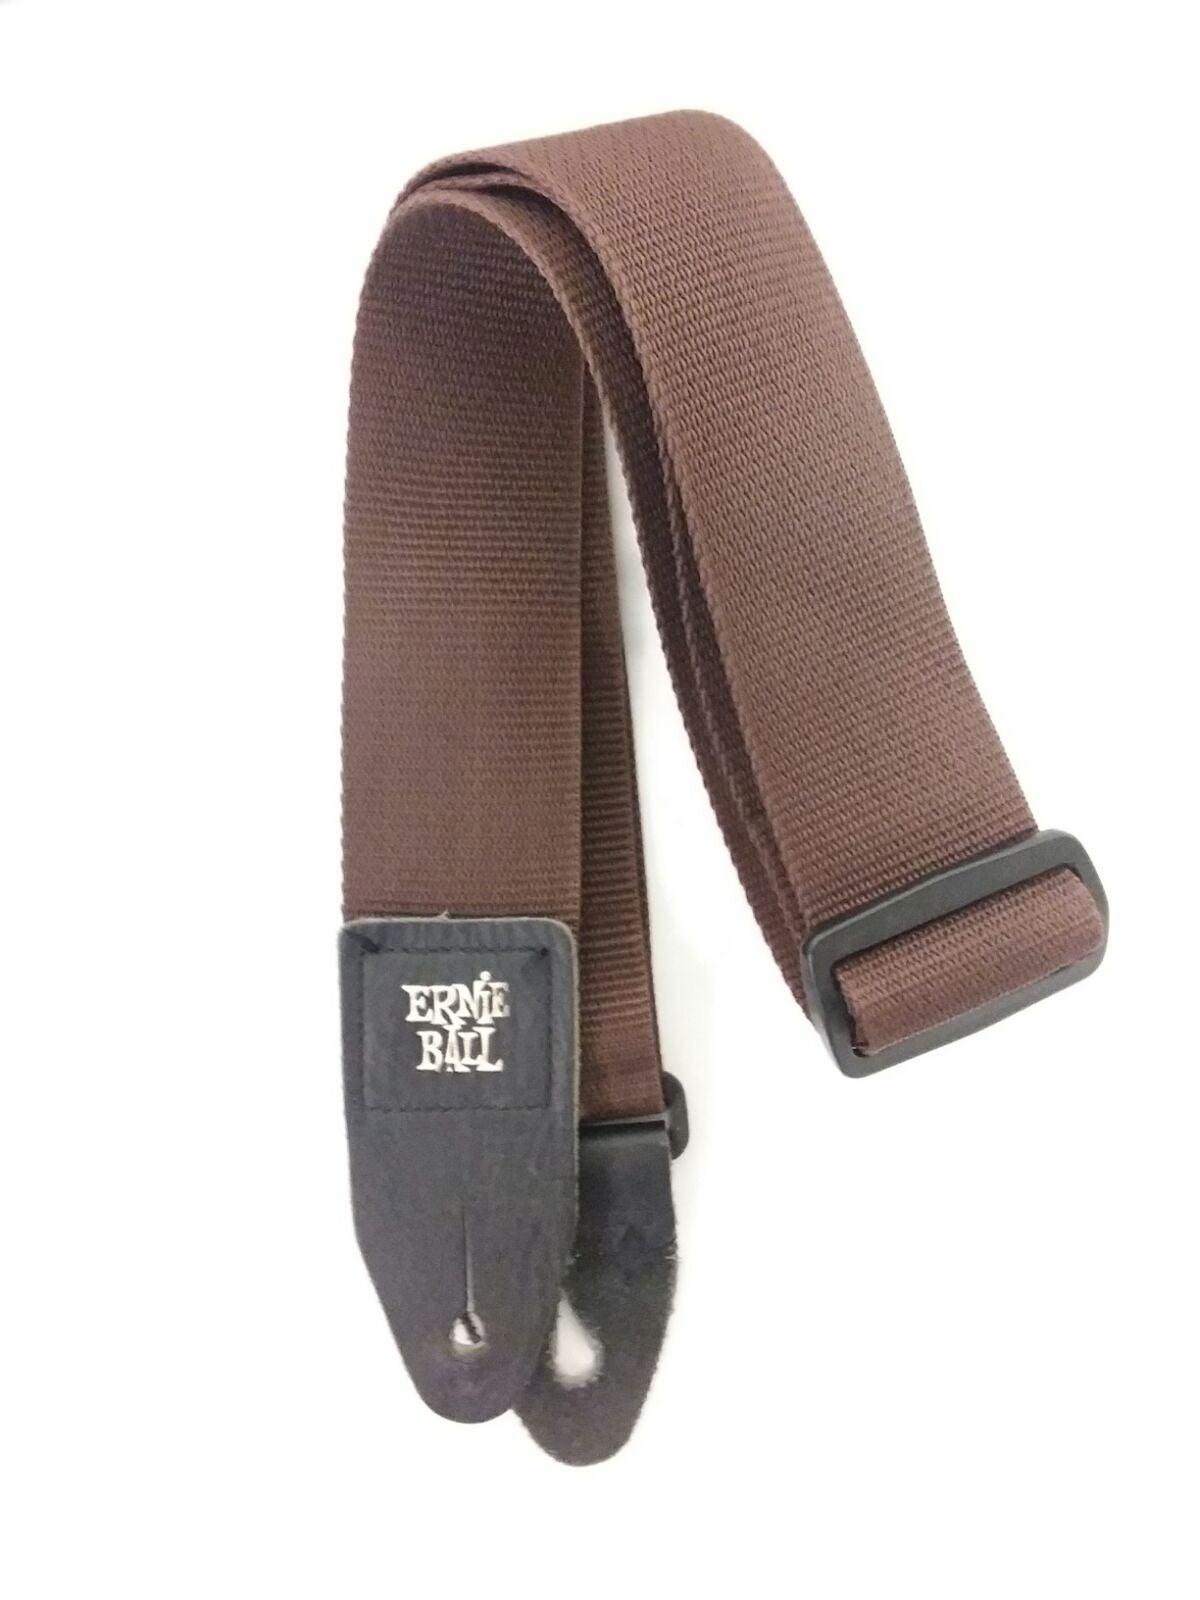 Ernie Ball brown electric guitar strap